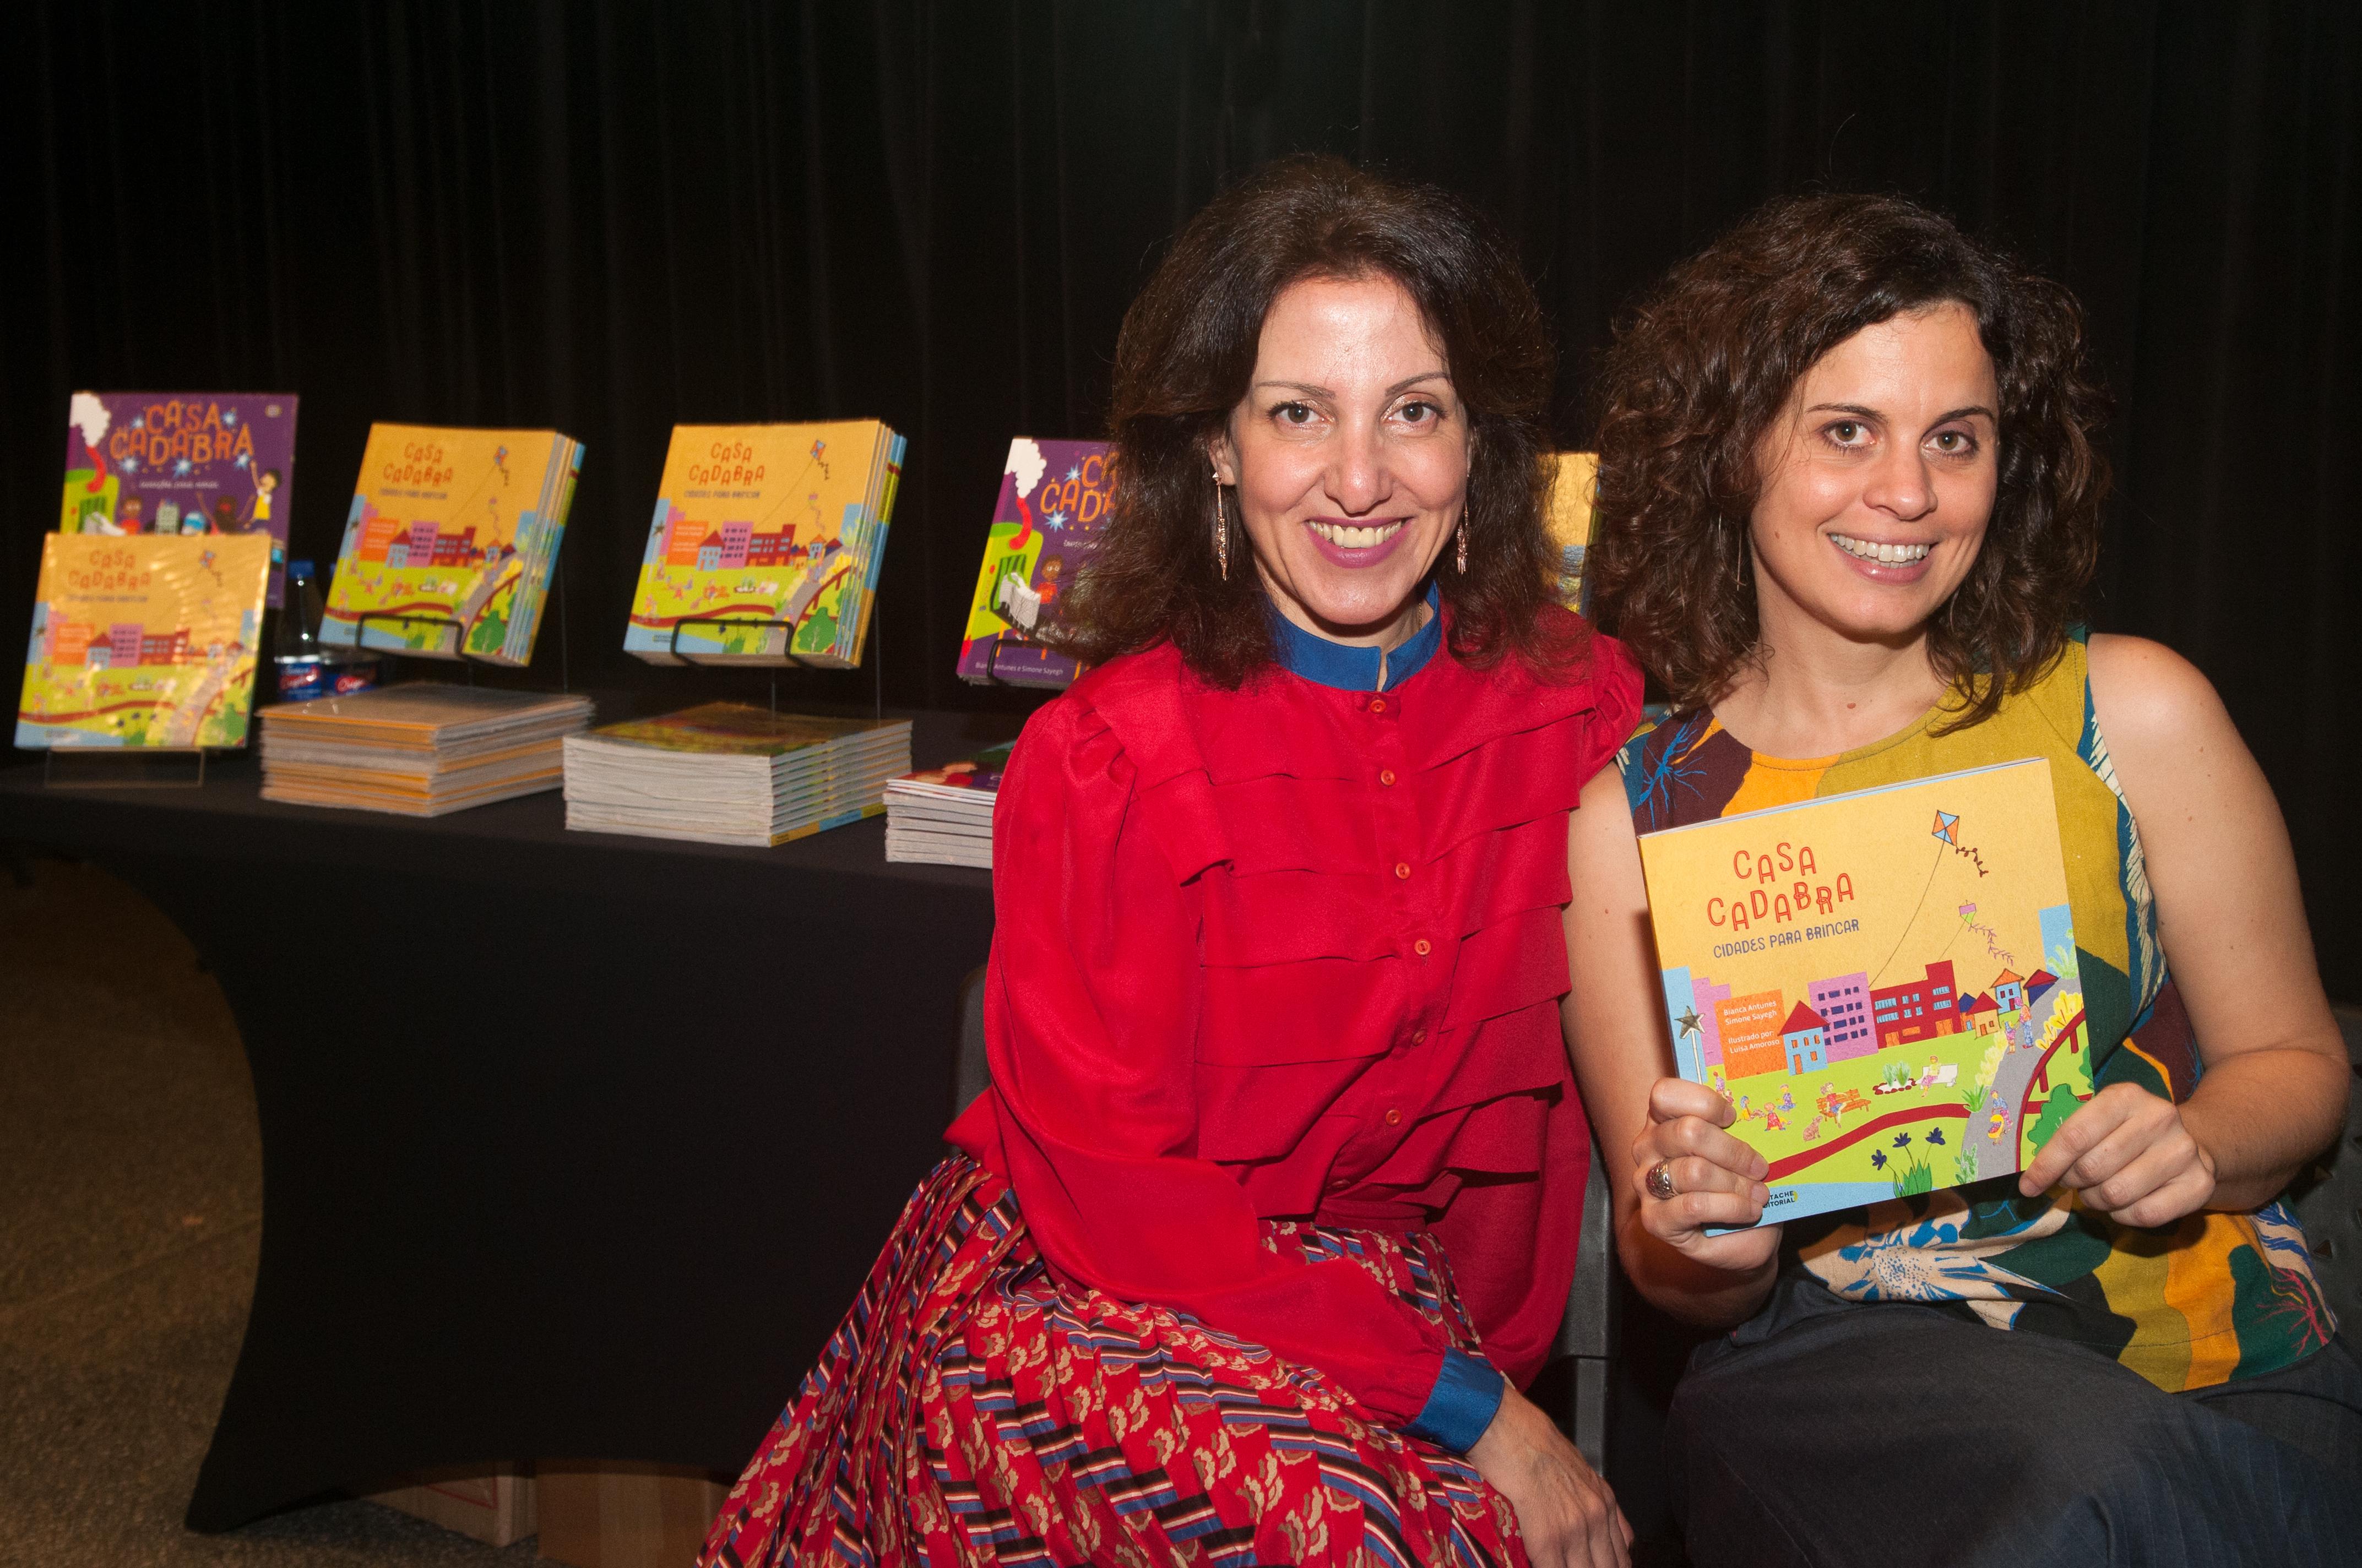 """Bianca Antunes e Simone Sayegh são autoras da série de livros de arquitetura para crianças """"Casacadabra"""". Foto: André Jensen"""